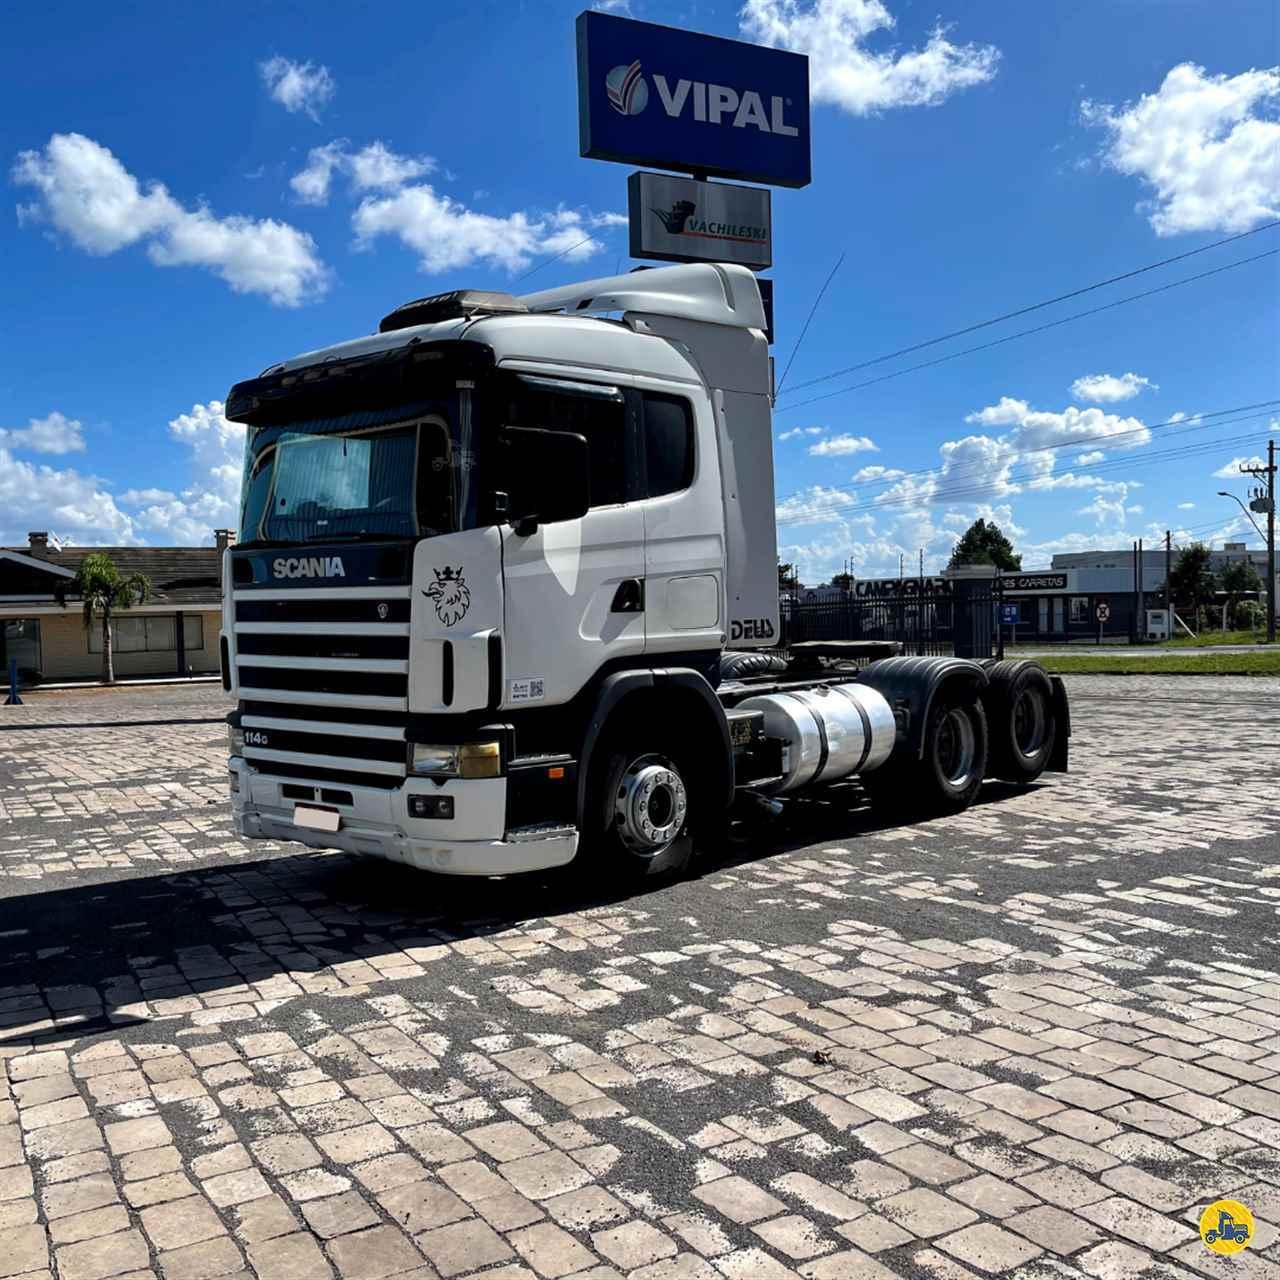 CAMINHAO SCANIA SCANIA 114 320 Cavalo Mecânico Truck 6x2 Campagnaro Caminhões VACARIA RIO GRANDE DO SUL RS